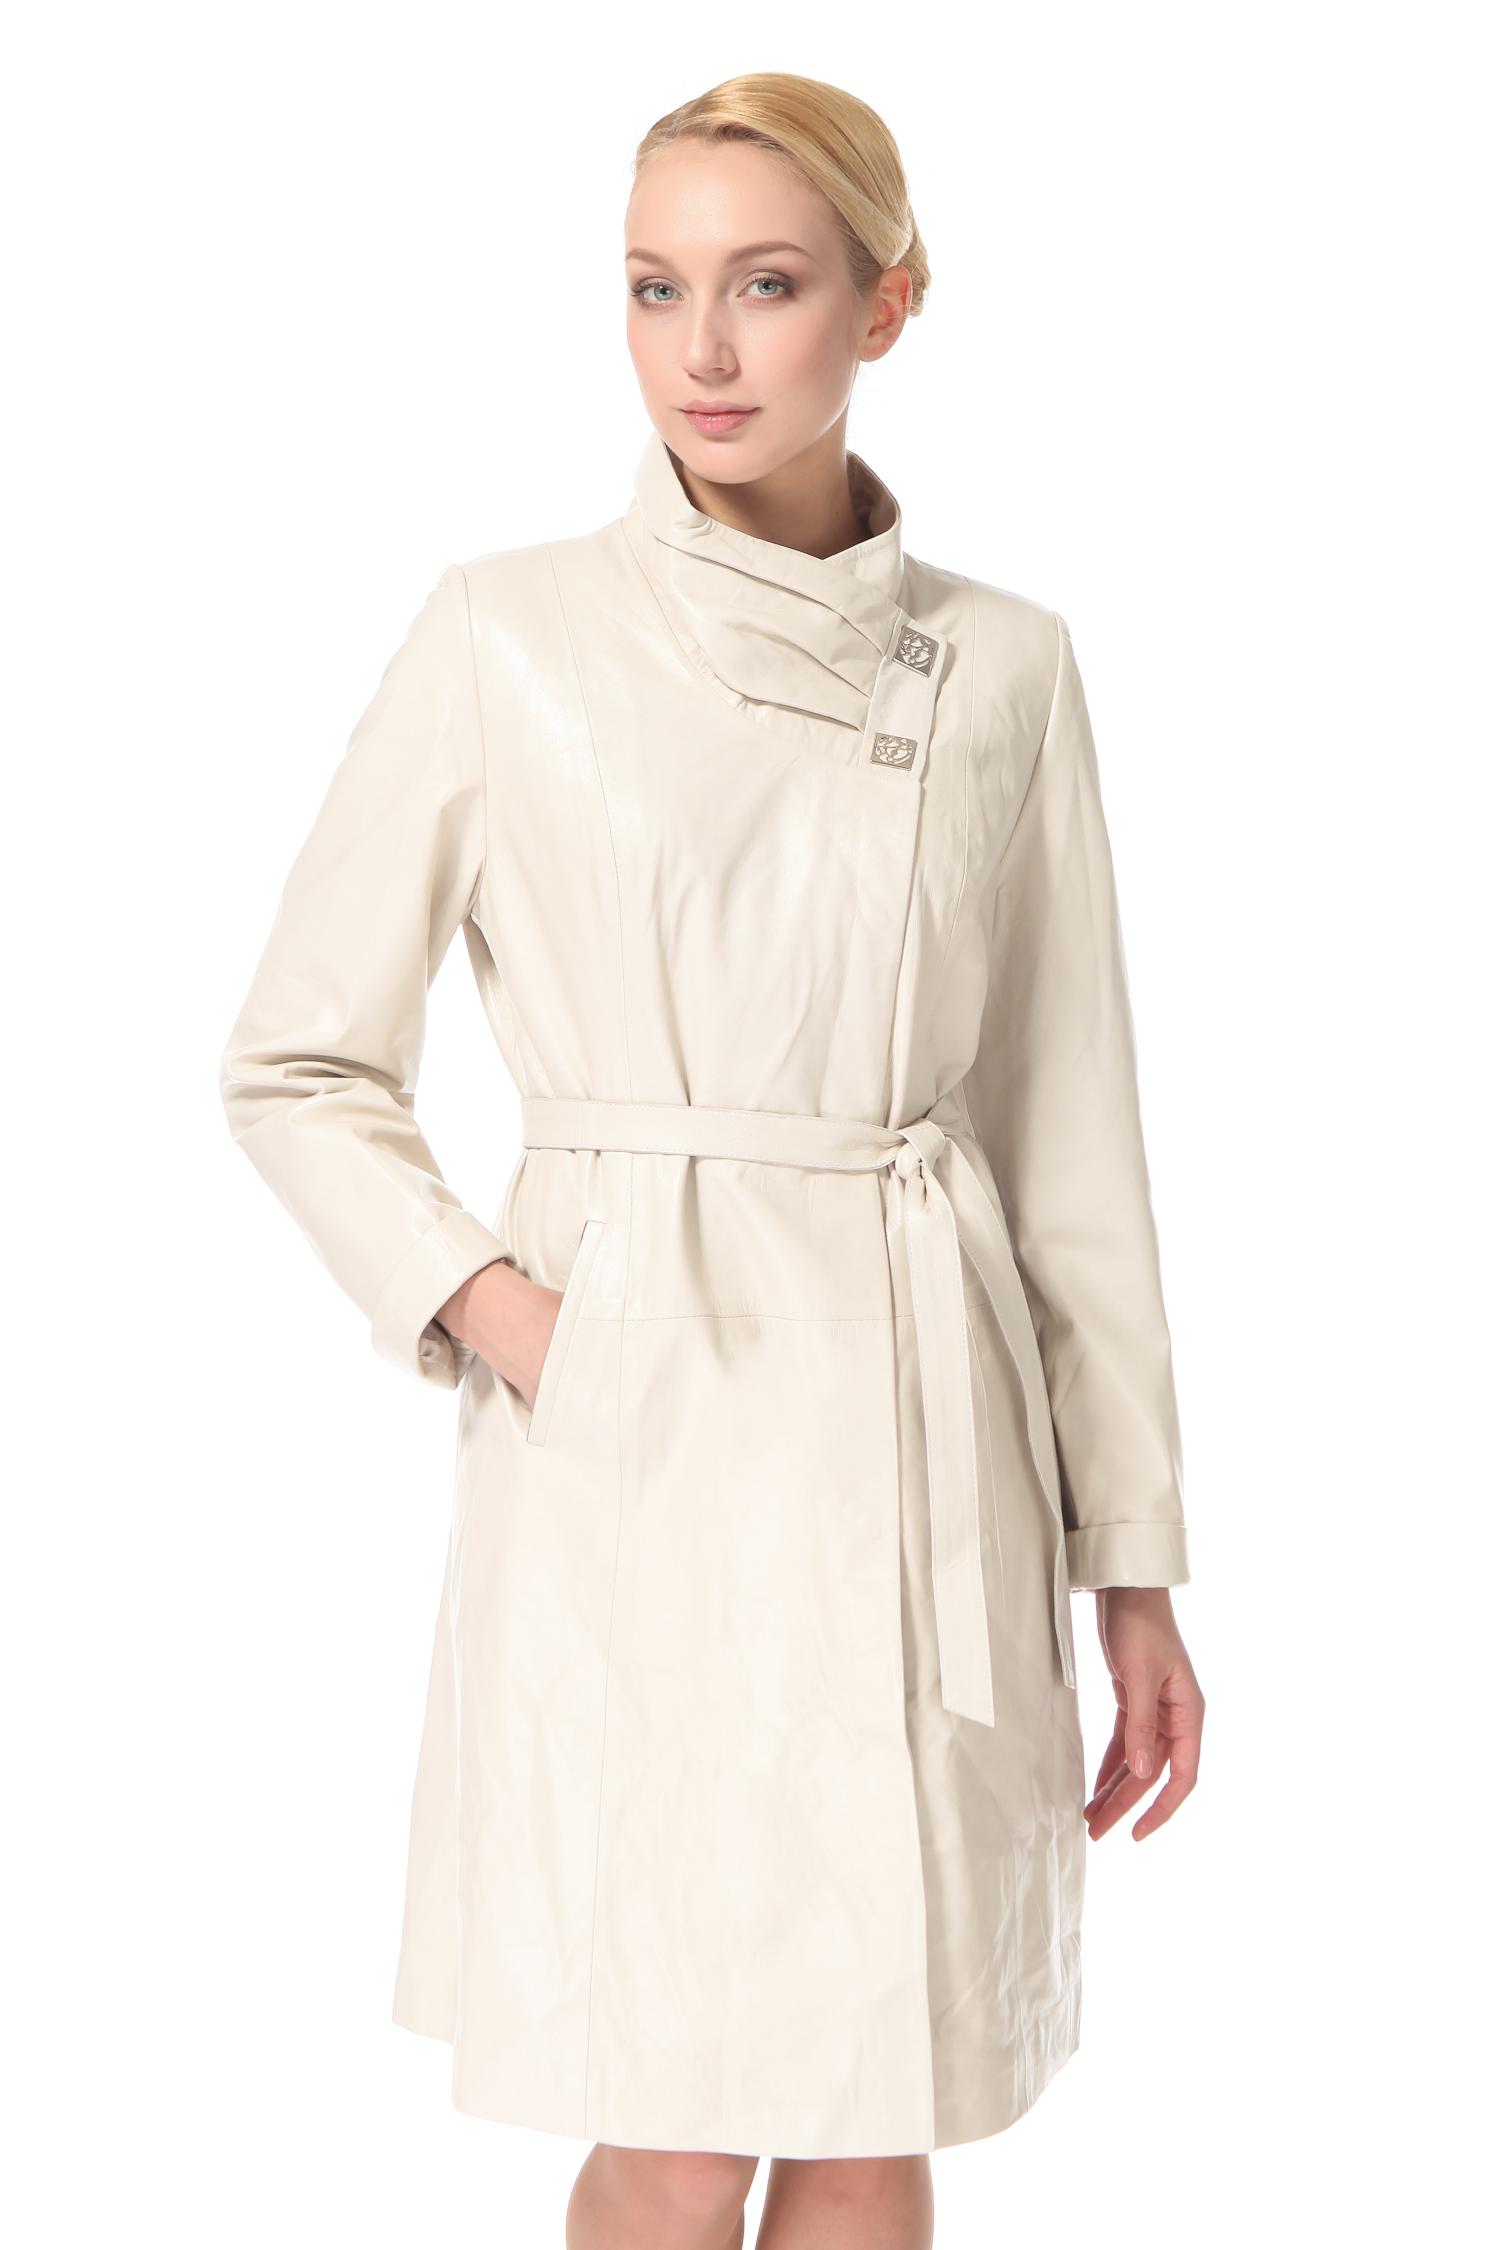 Женское кожаное пальто из натуральной кожи с воротником, без отделки<br><br>Воротник: Стойка<br>Длина см: 100<br>Материал: Натуральная кожа<br>Цвет: Бежевый<br>Пол: Женский